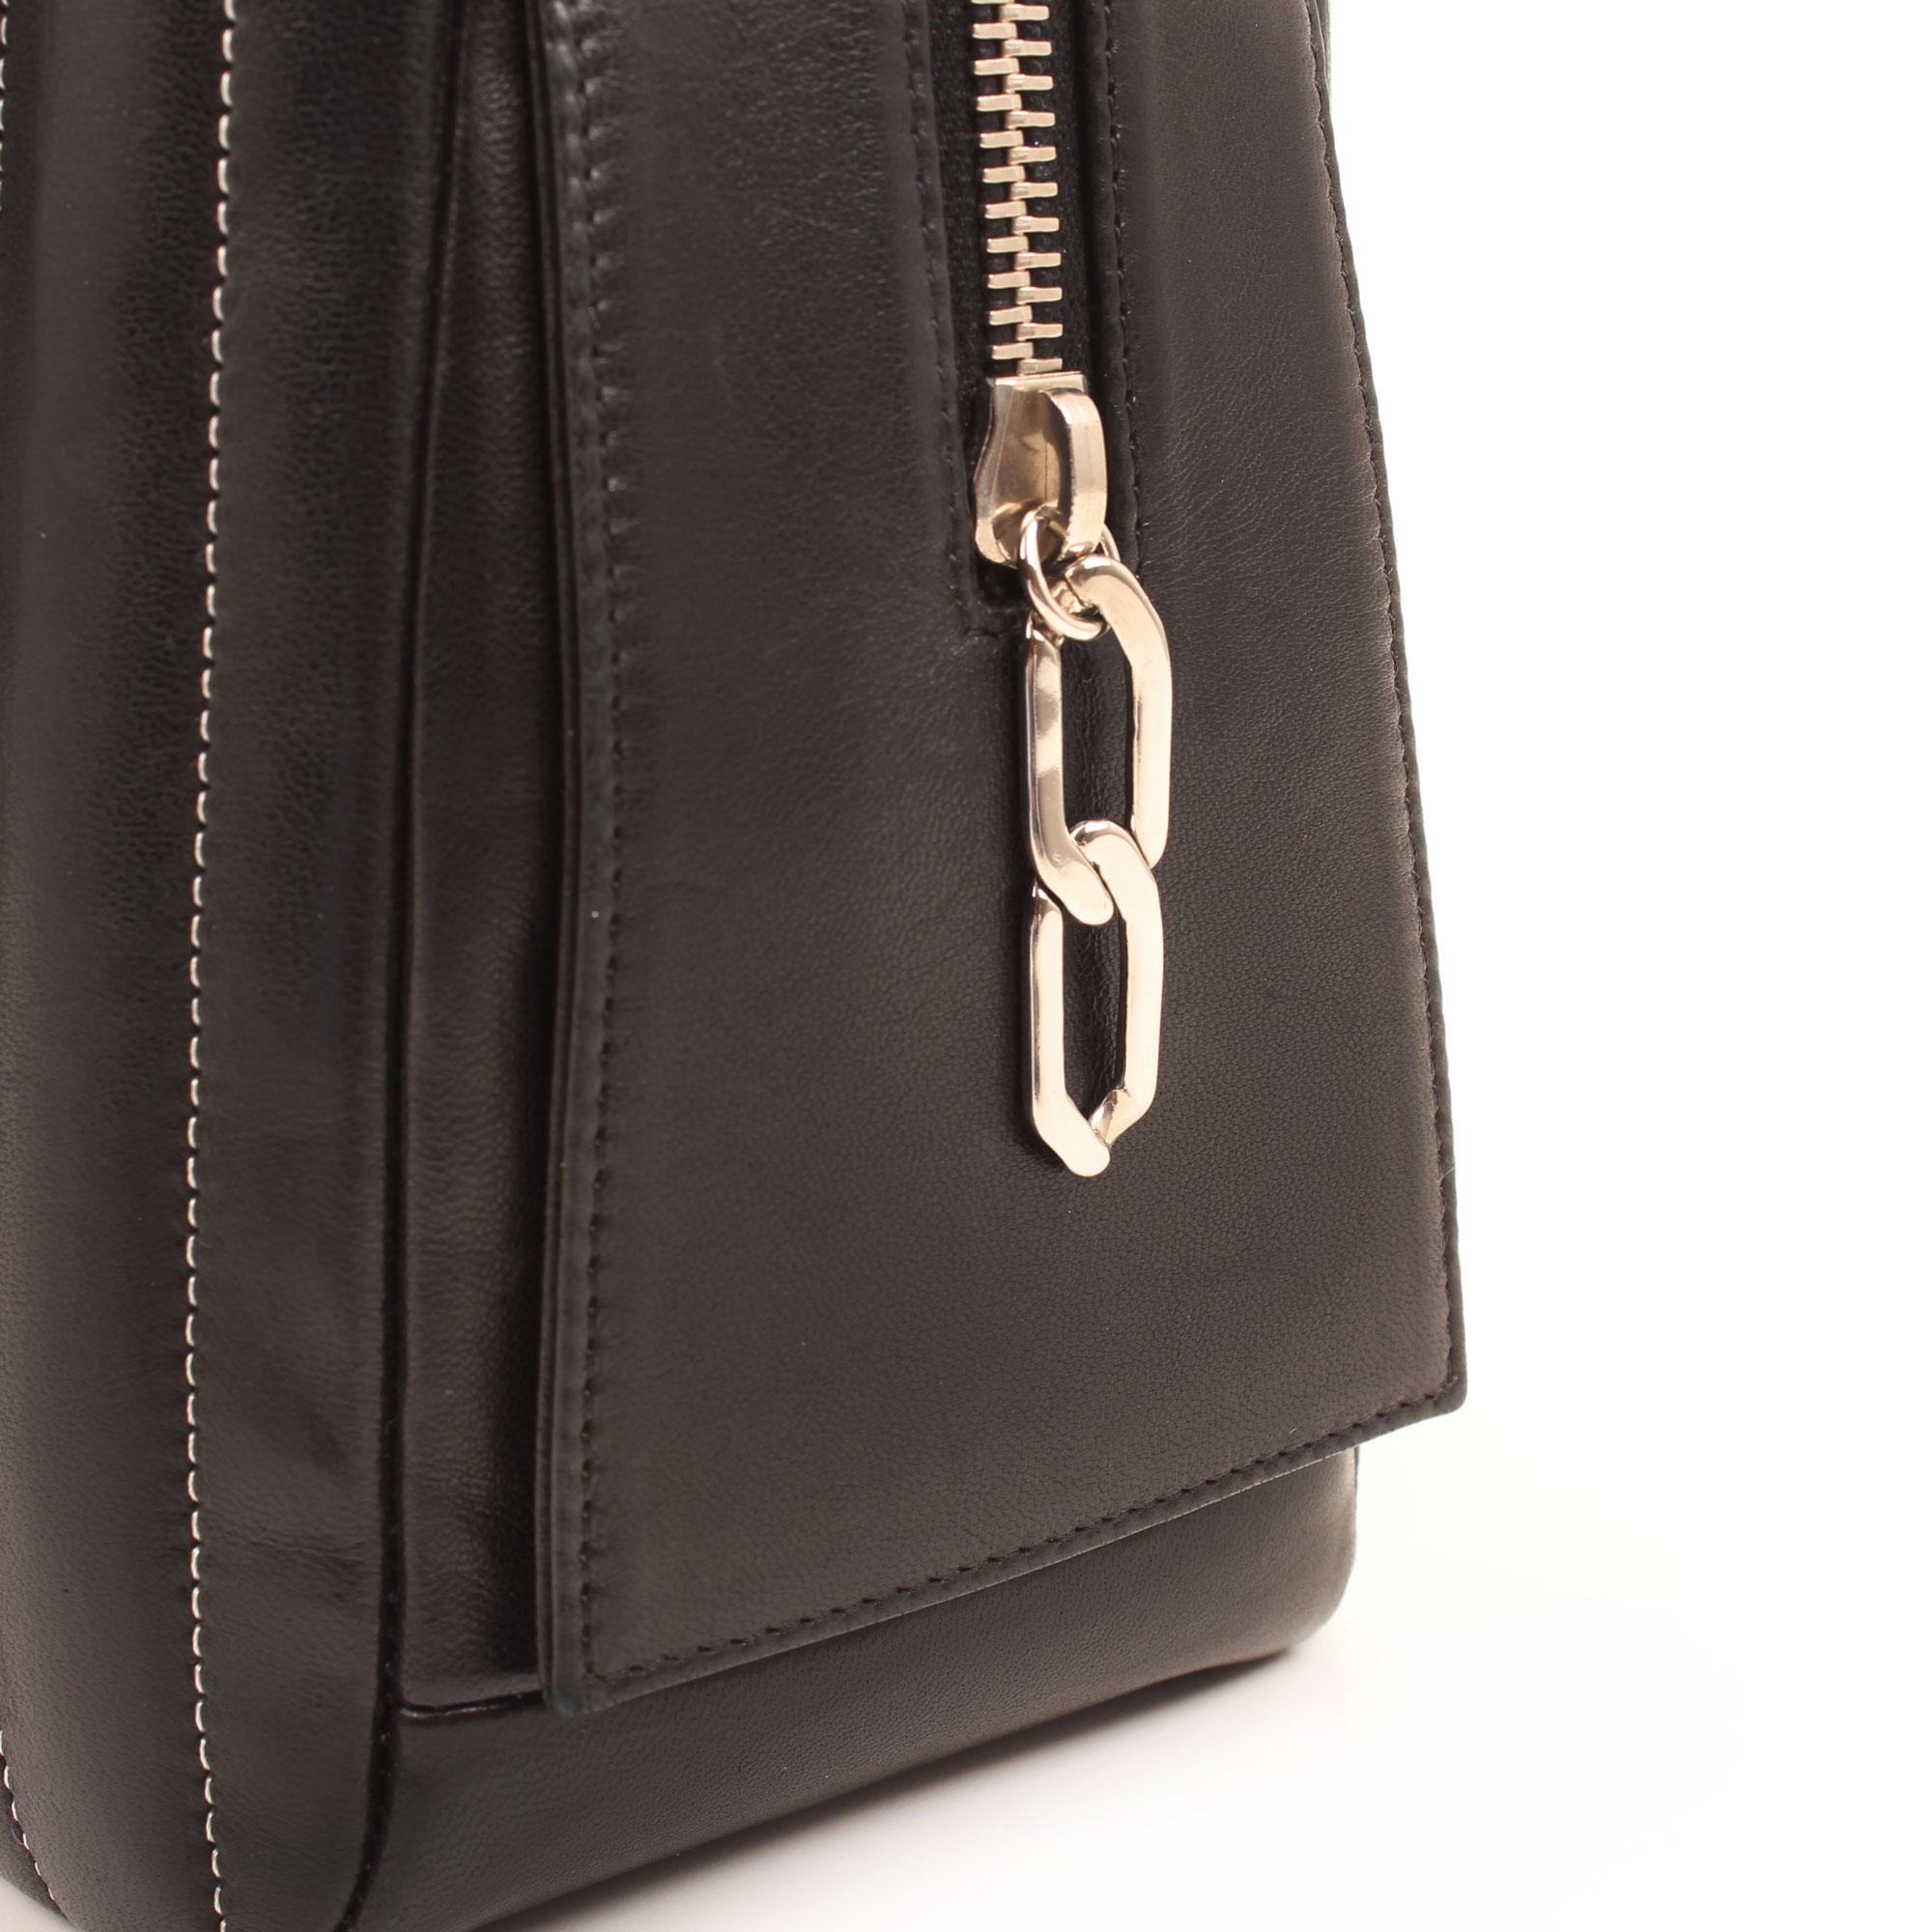 Imagen del detalle del cierre del bolso chanel dustbag camera chevron